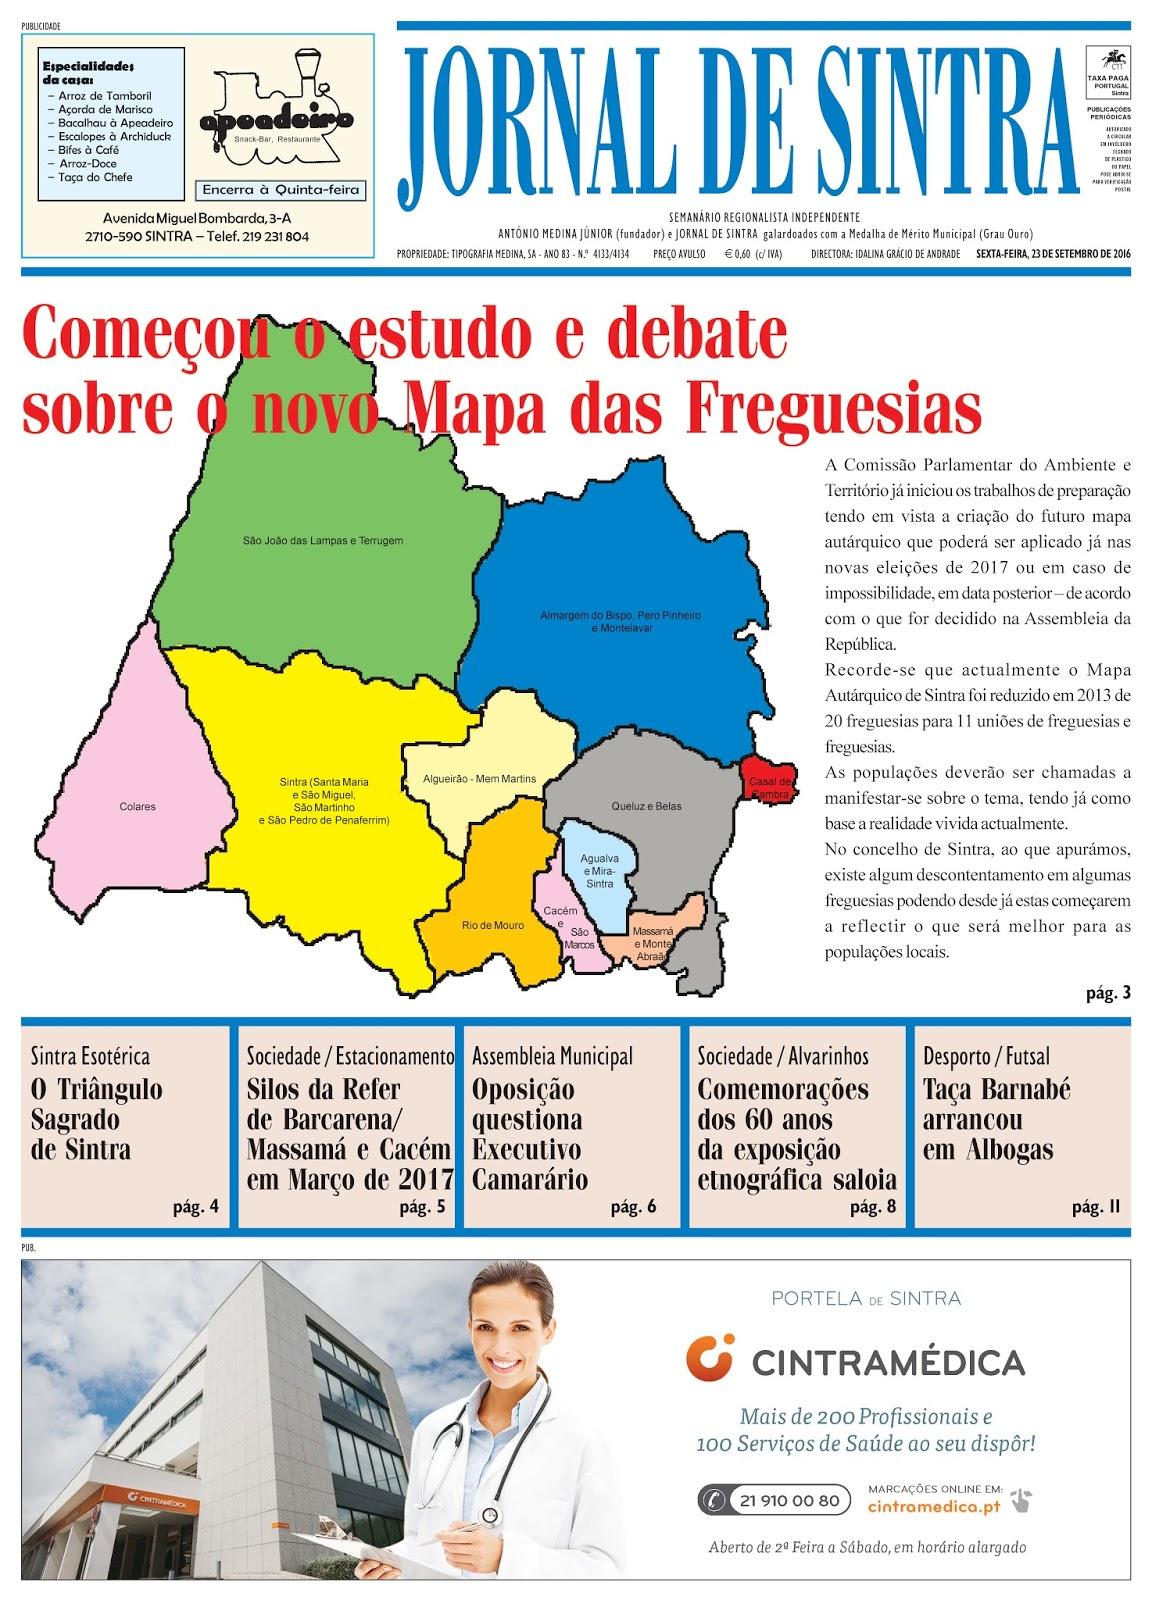 Capa da edição de 23-09-2016